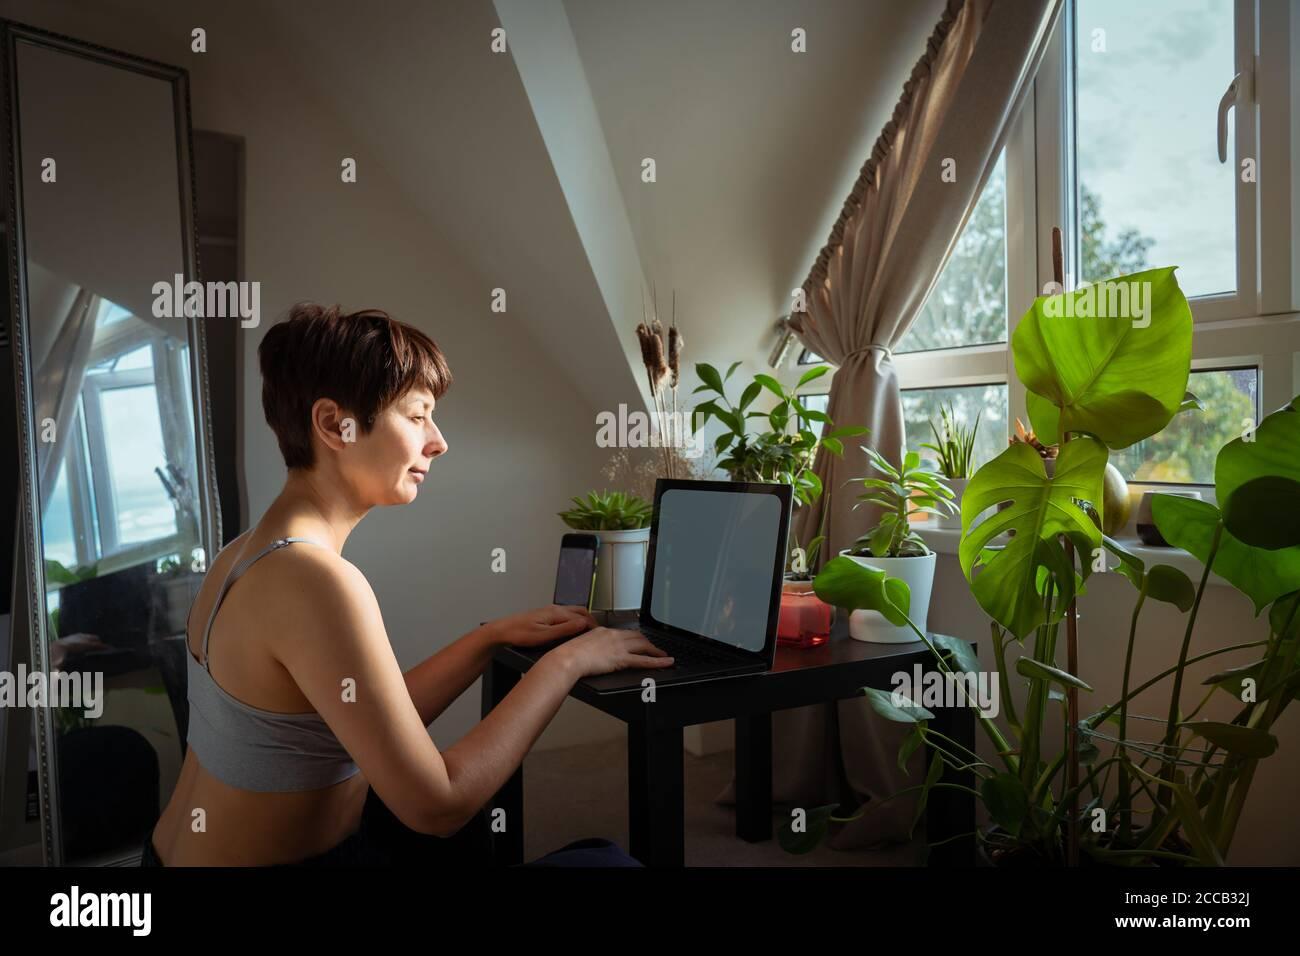 Femme de course mixte dans des vêtements de maison décontractés travaillant sur un ordinateur portable assis à une table basse avec beaucoup de plantes vertes en pot près de la fenêtre. Travailler à la maison Banque D'Images